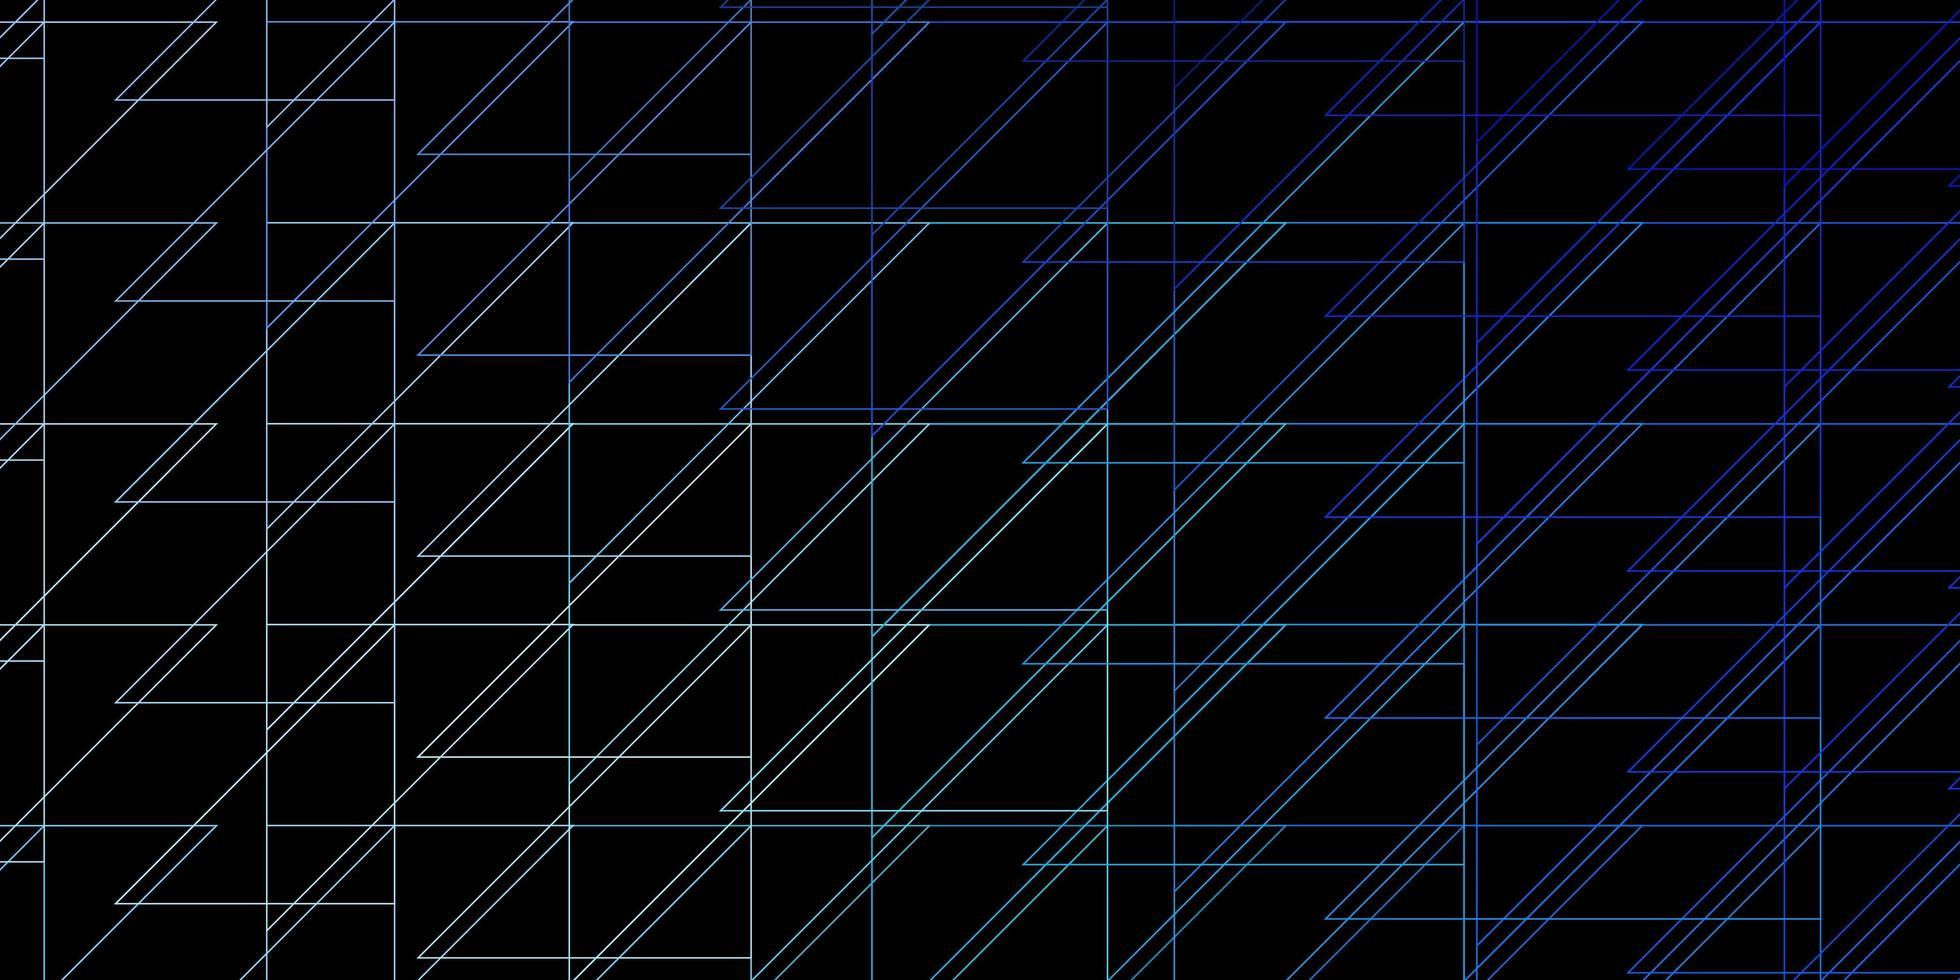 sfondo vettoriale blu scuro, verde con linee.